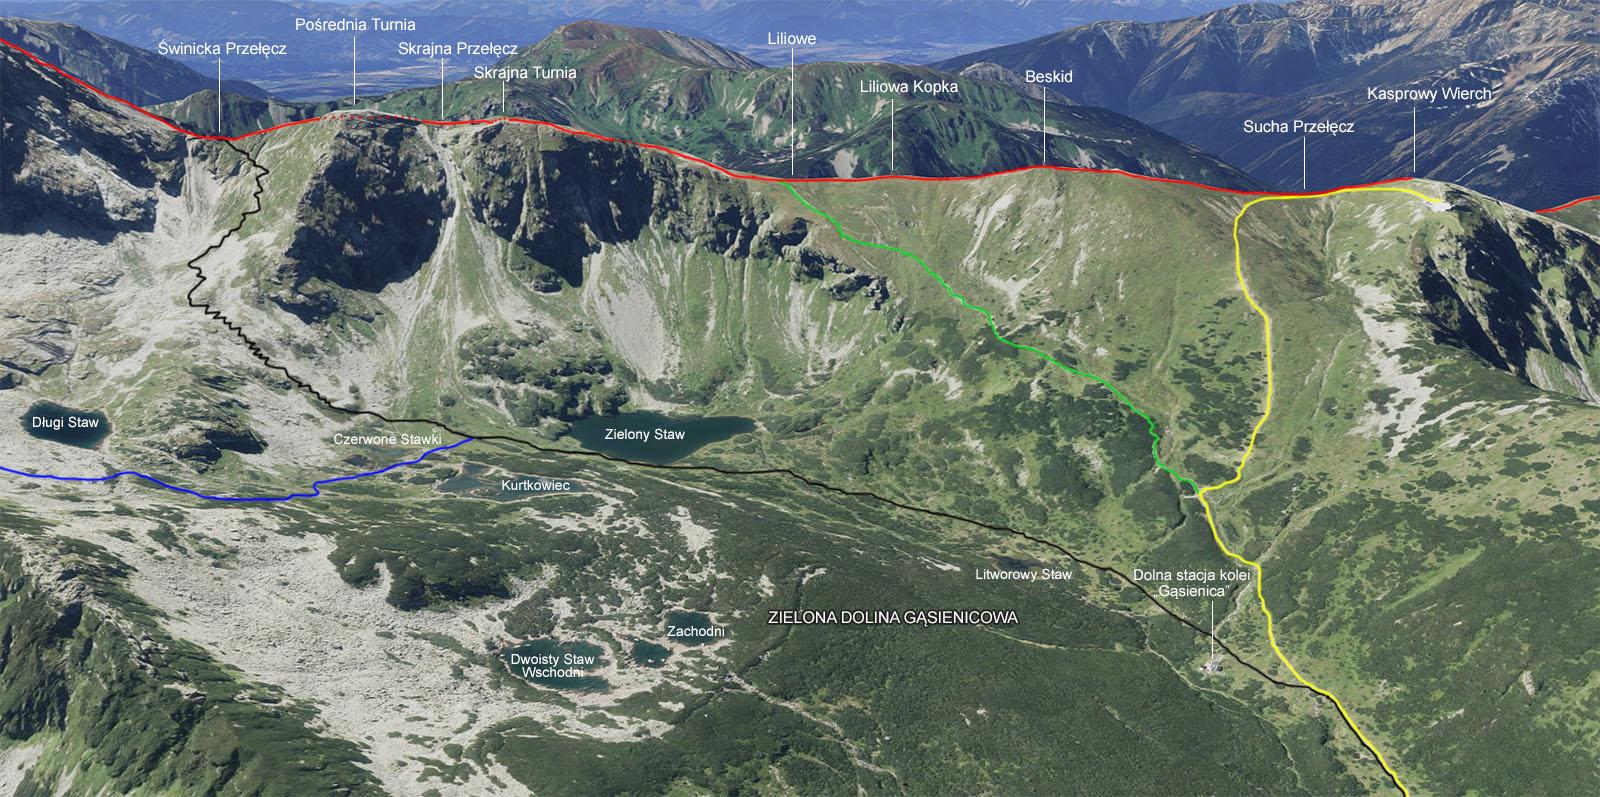 Szlak z Kasprowego Wierchu na Świnicką Przełęcz